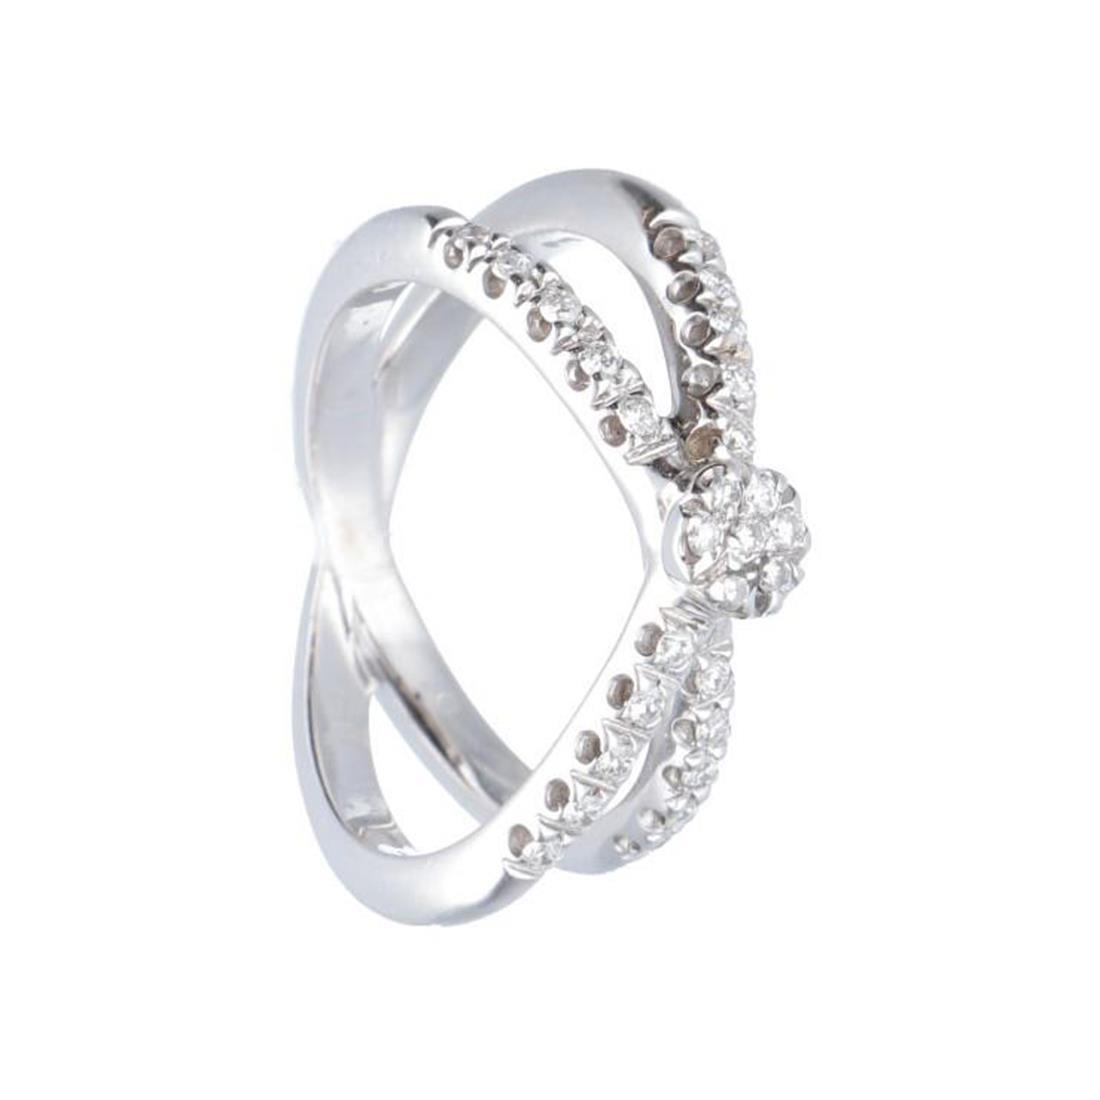 Anello in oro bianco con diamanti ct 0.50 - ALFIERI & ST. JOHN